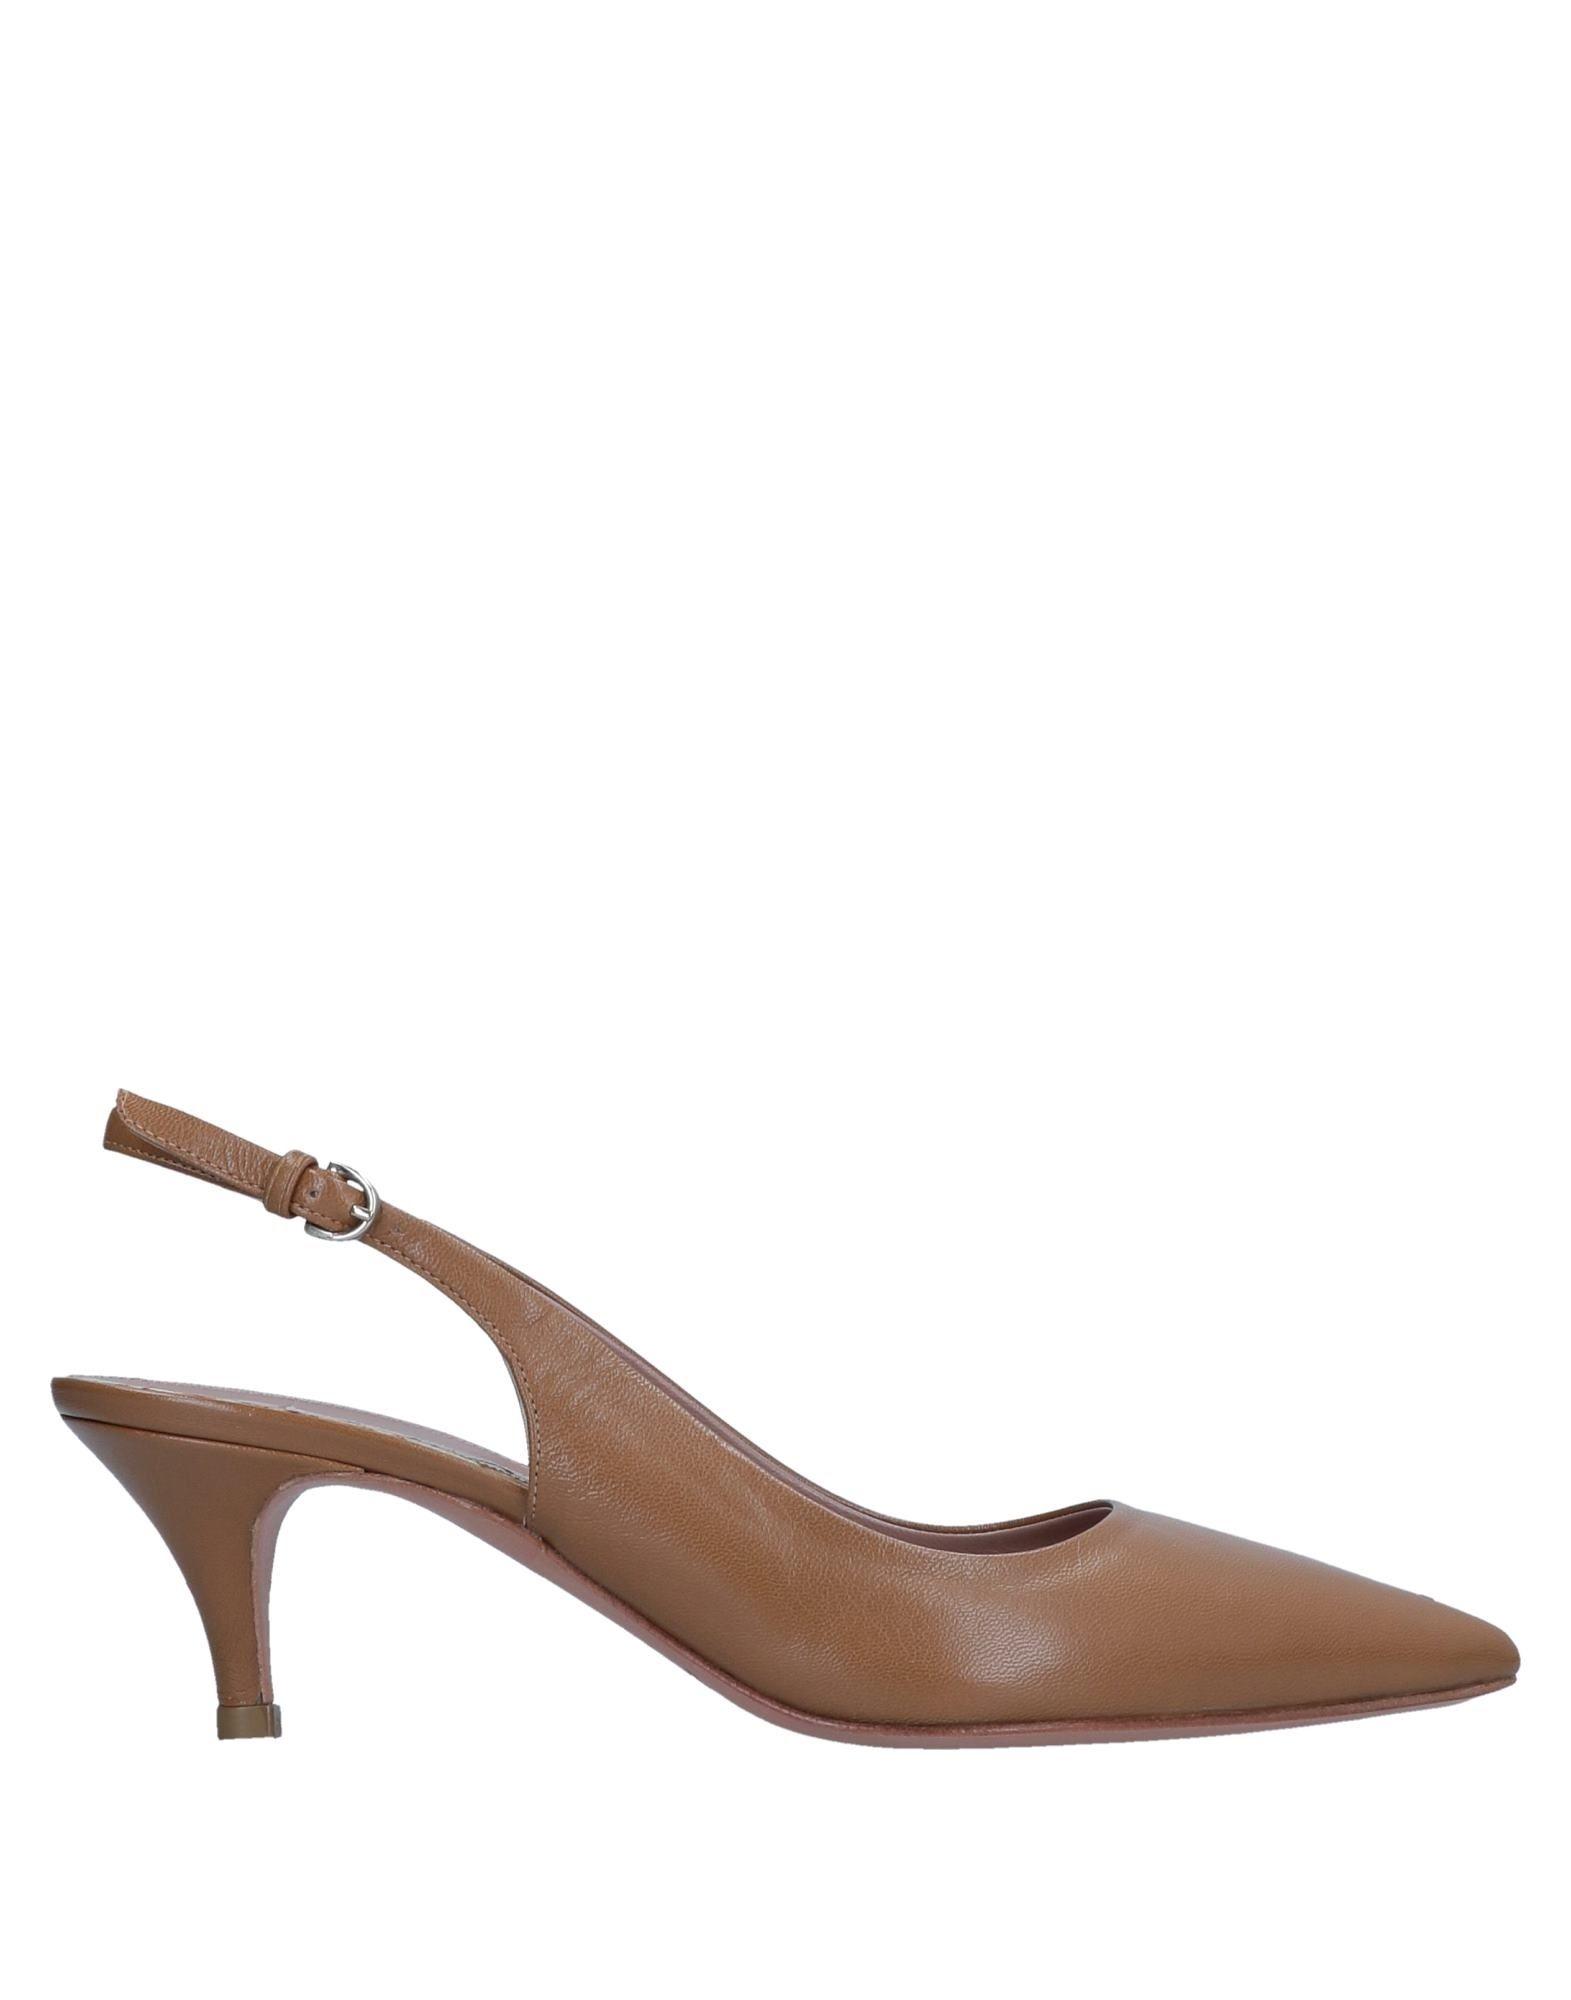 Venta de liquidación de de de temporada Zapato De Salón J D Julie Dee Mujer - Salones J D Julie Dee  Camel 8168af